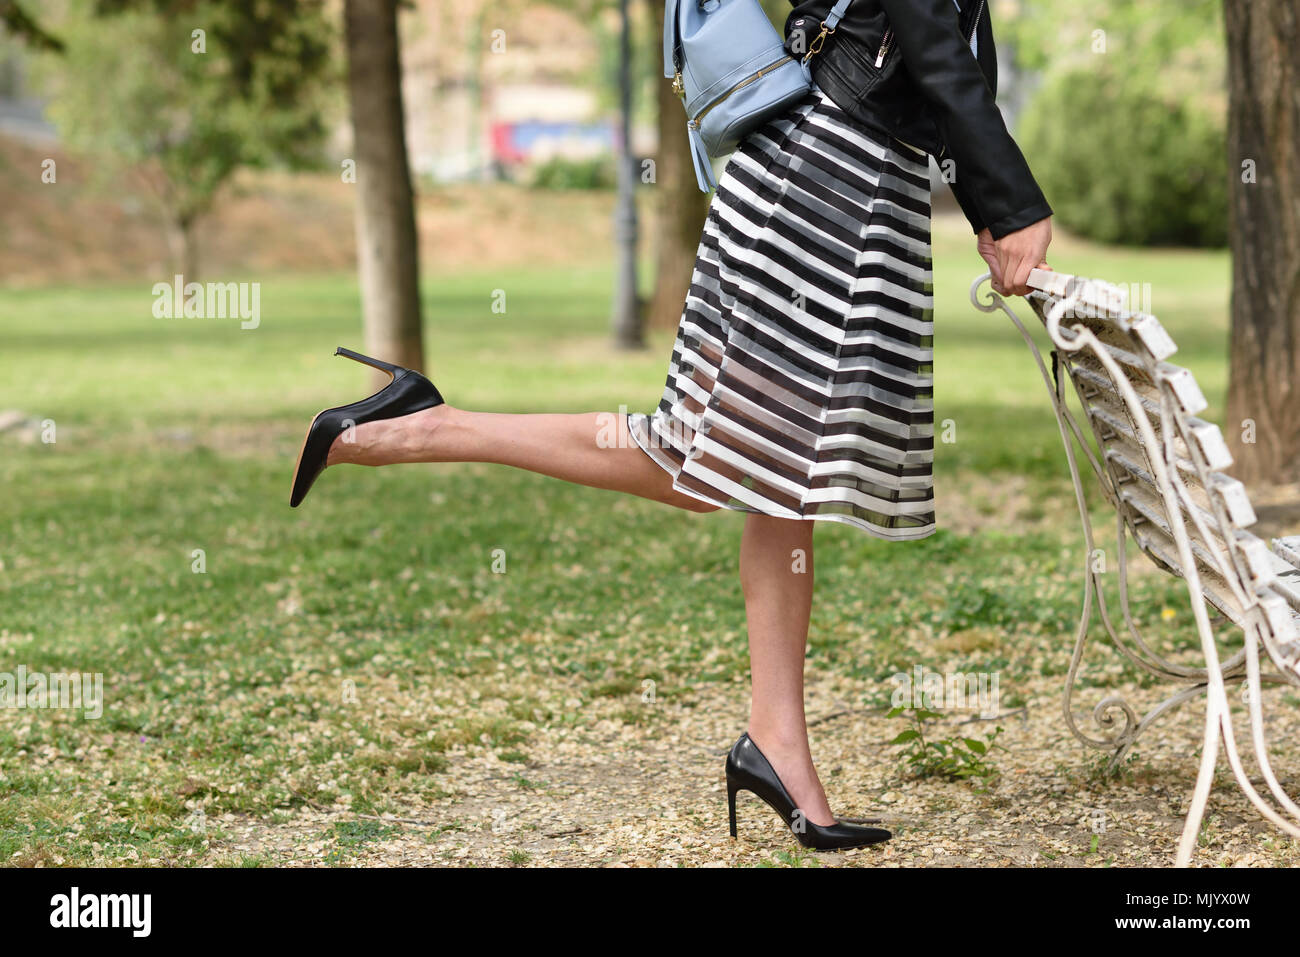 5598b81a1cab9 Retrato de mujer joven en el fondo urbano vistiendo ropa casual. Vestida de  falda a